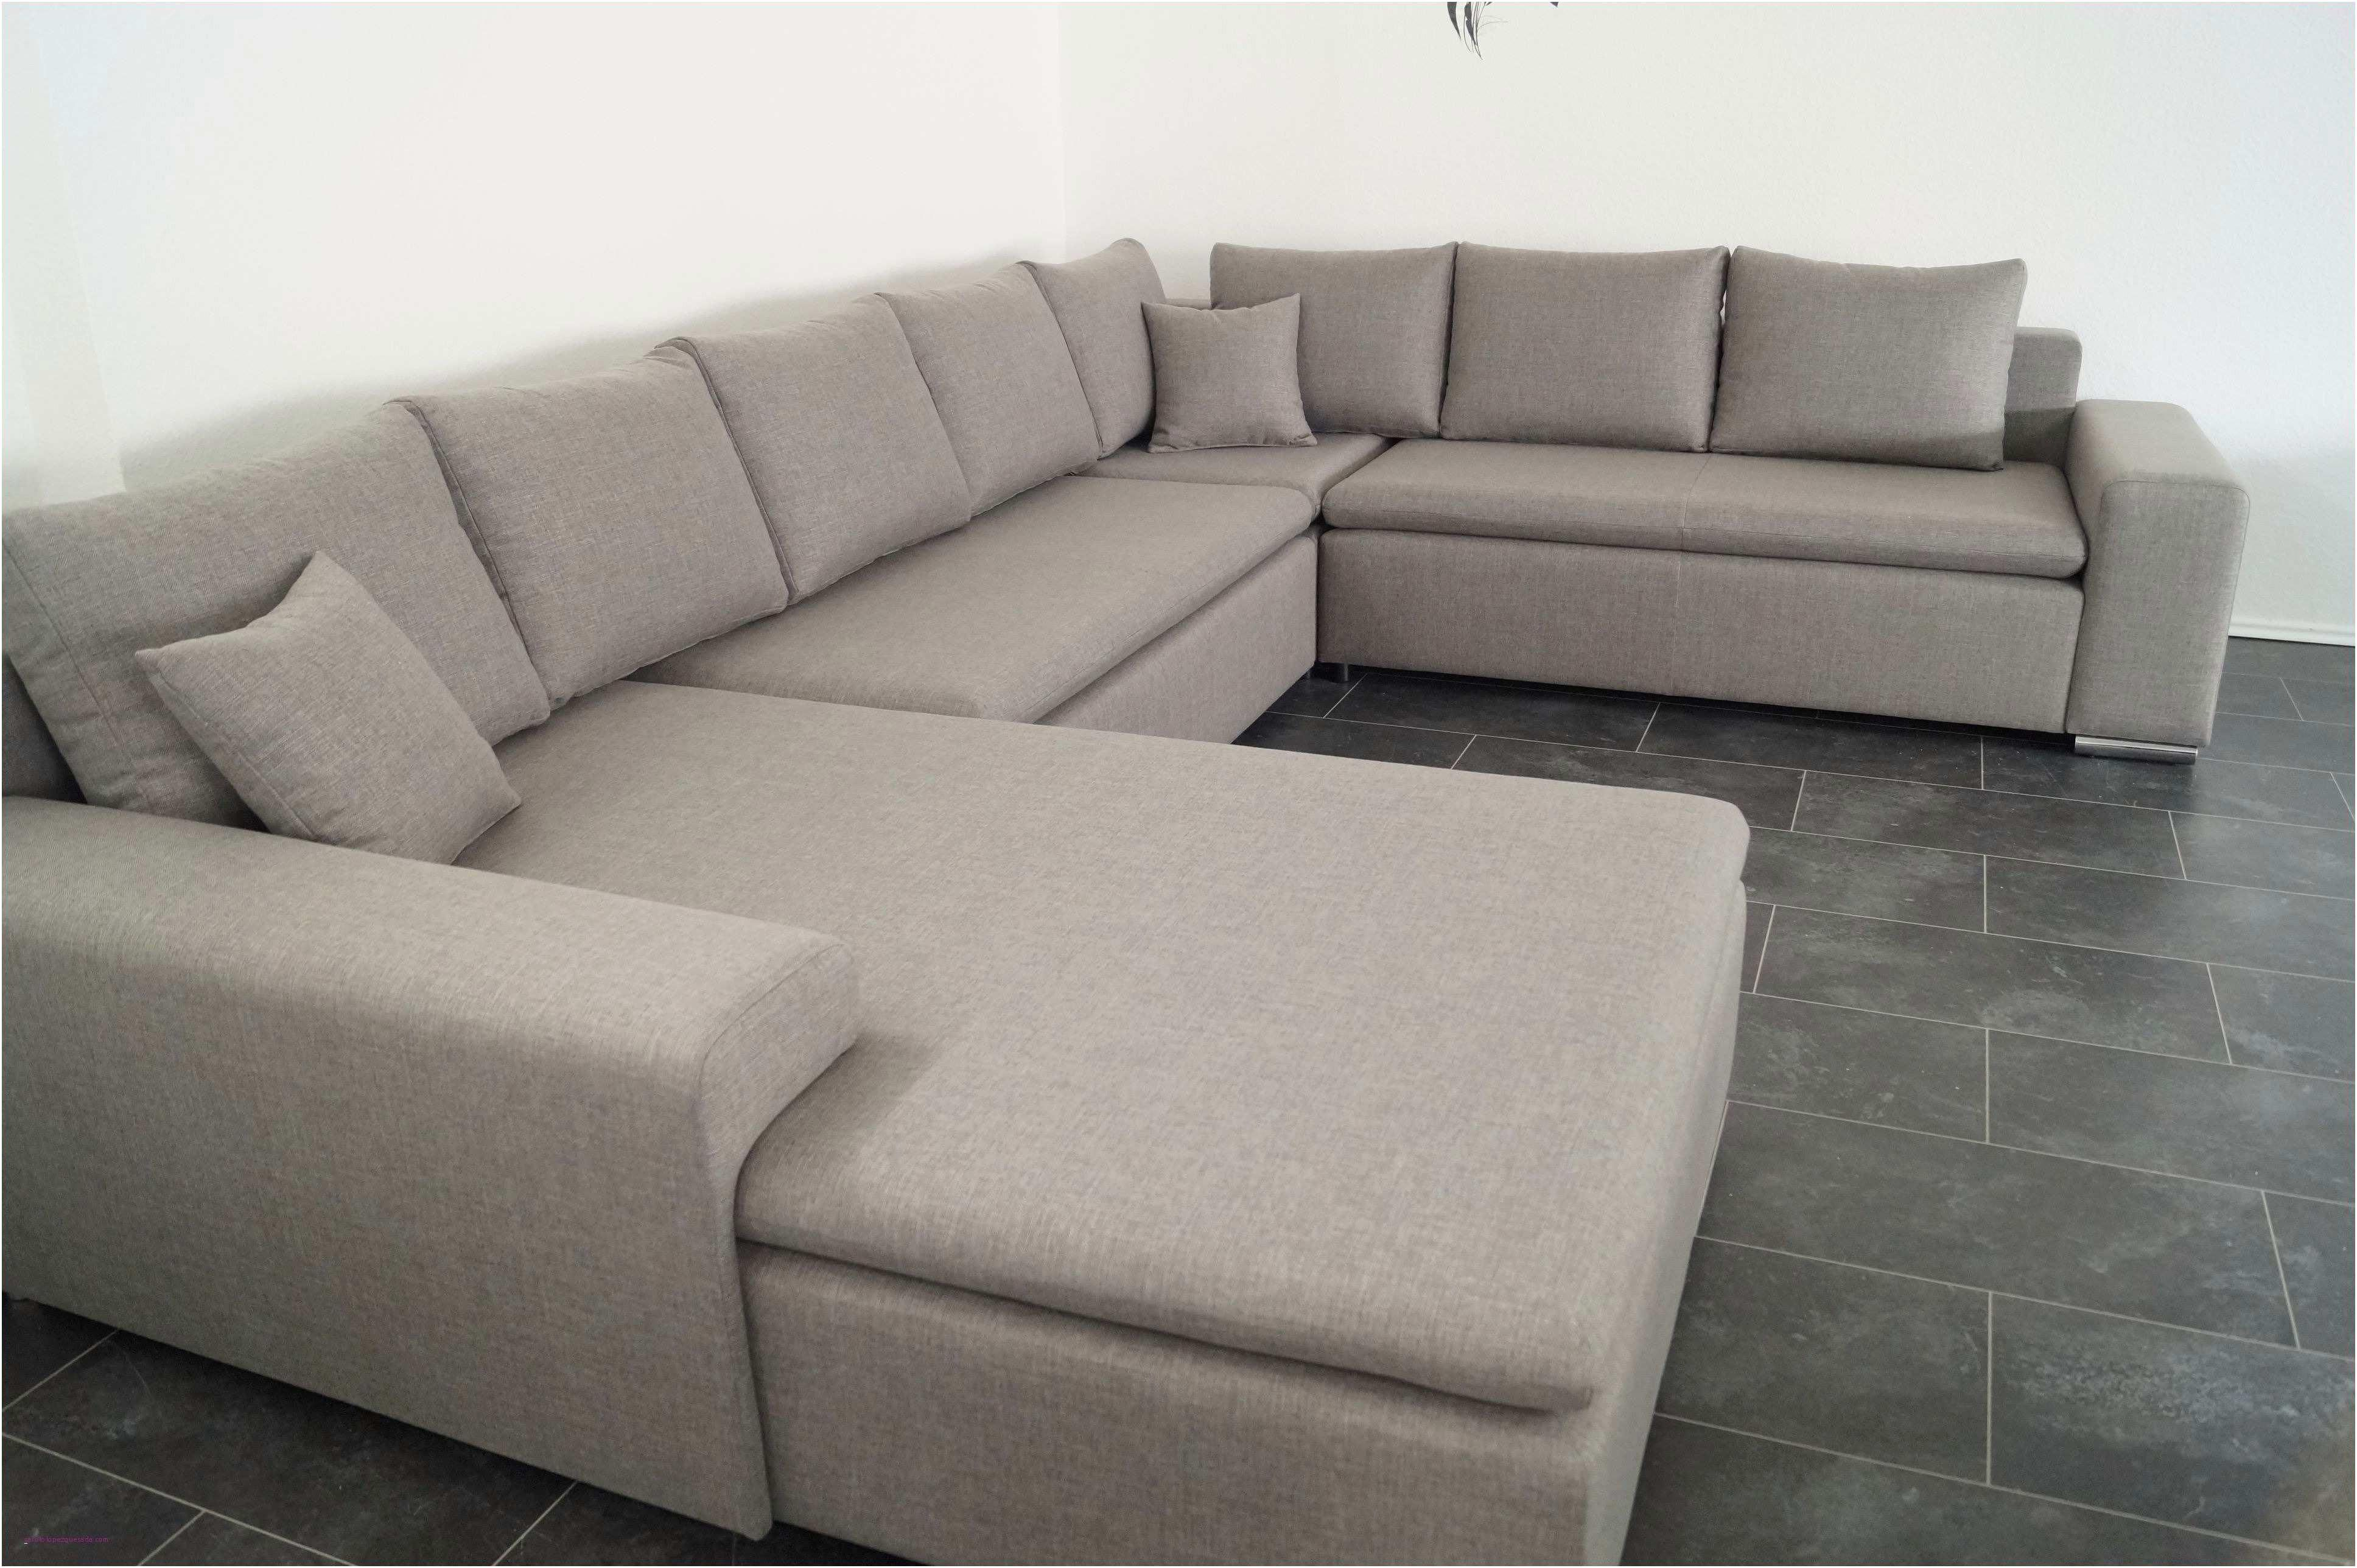 42 Schlafzimmer Ideen Grau Braun Couch Leather Sofa Beige Sofa